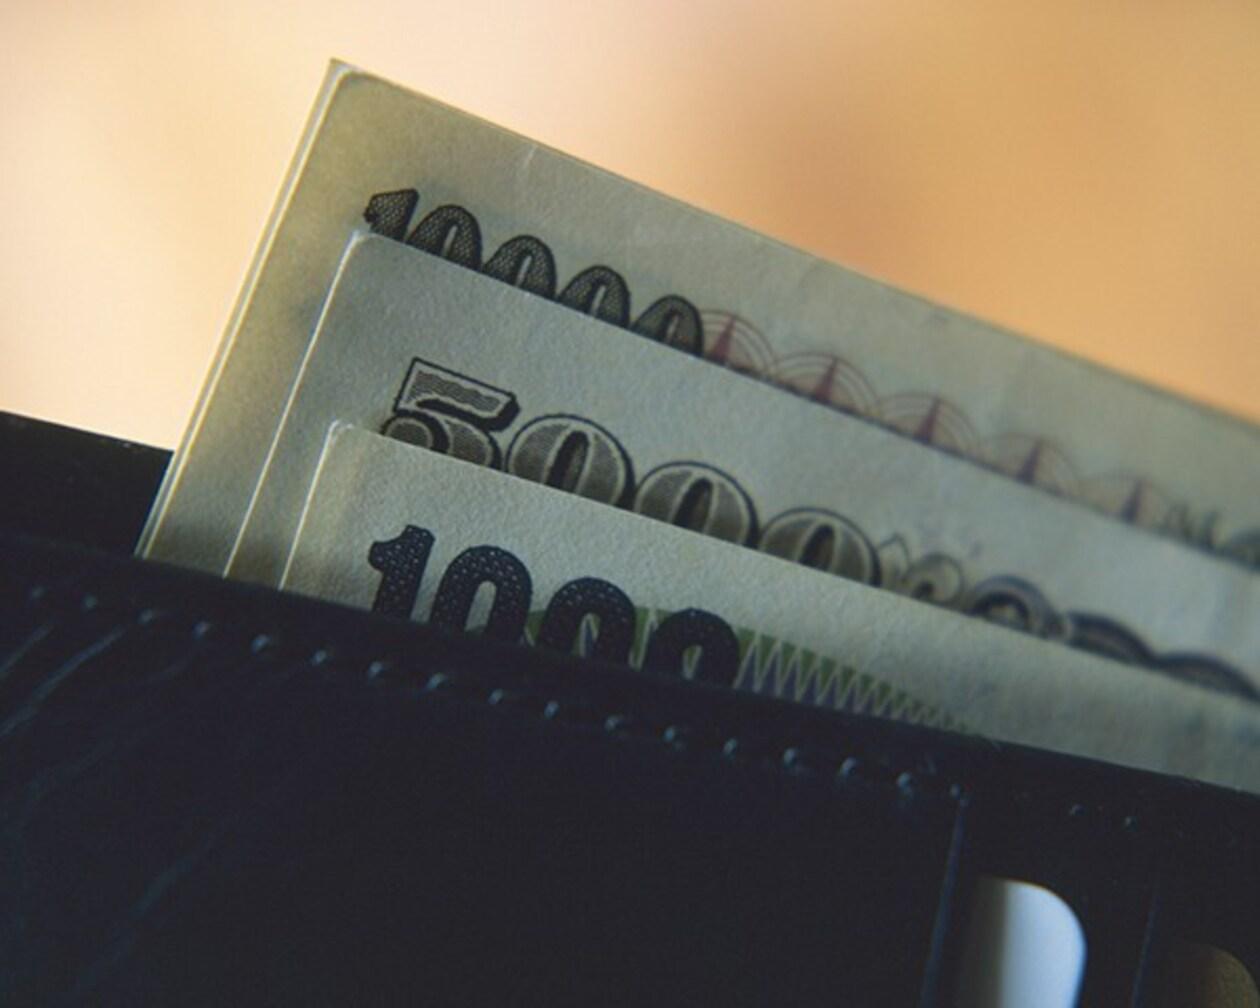 お金持ちになりたくて、お金持ちの真似をする……は正しいのか